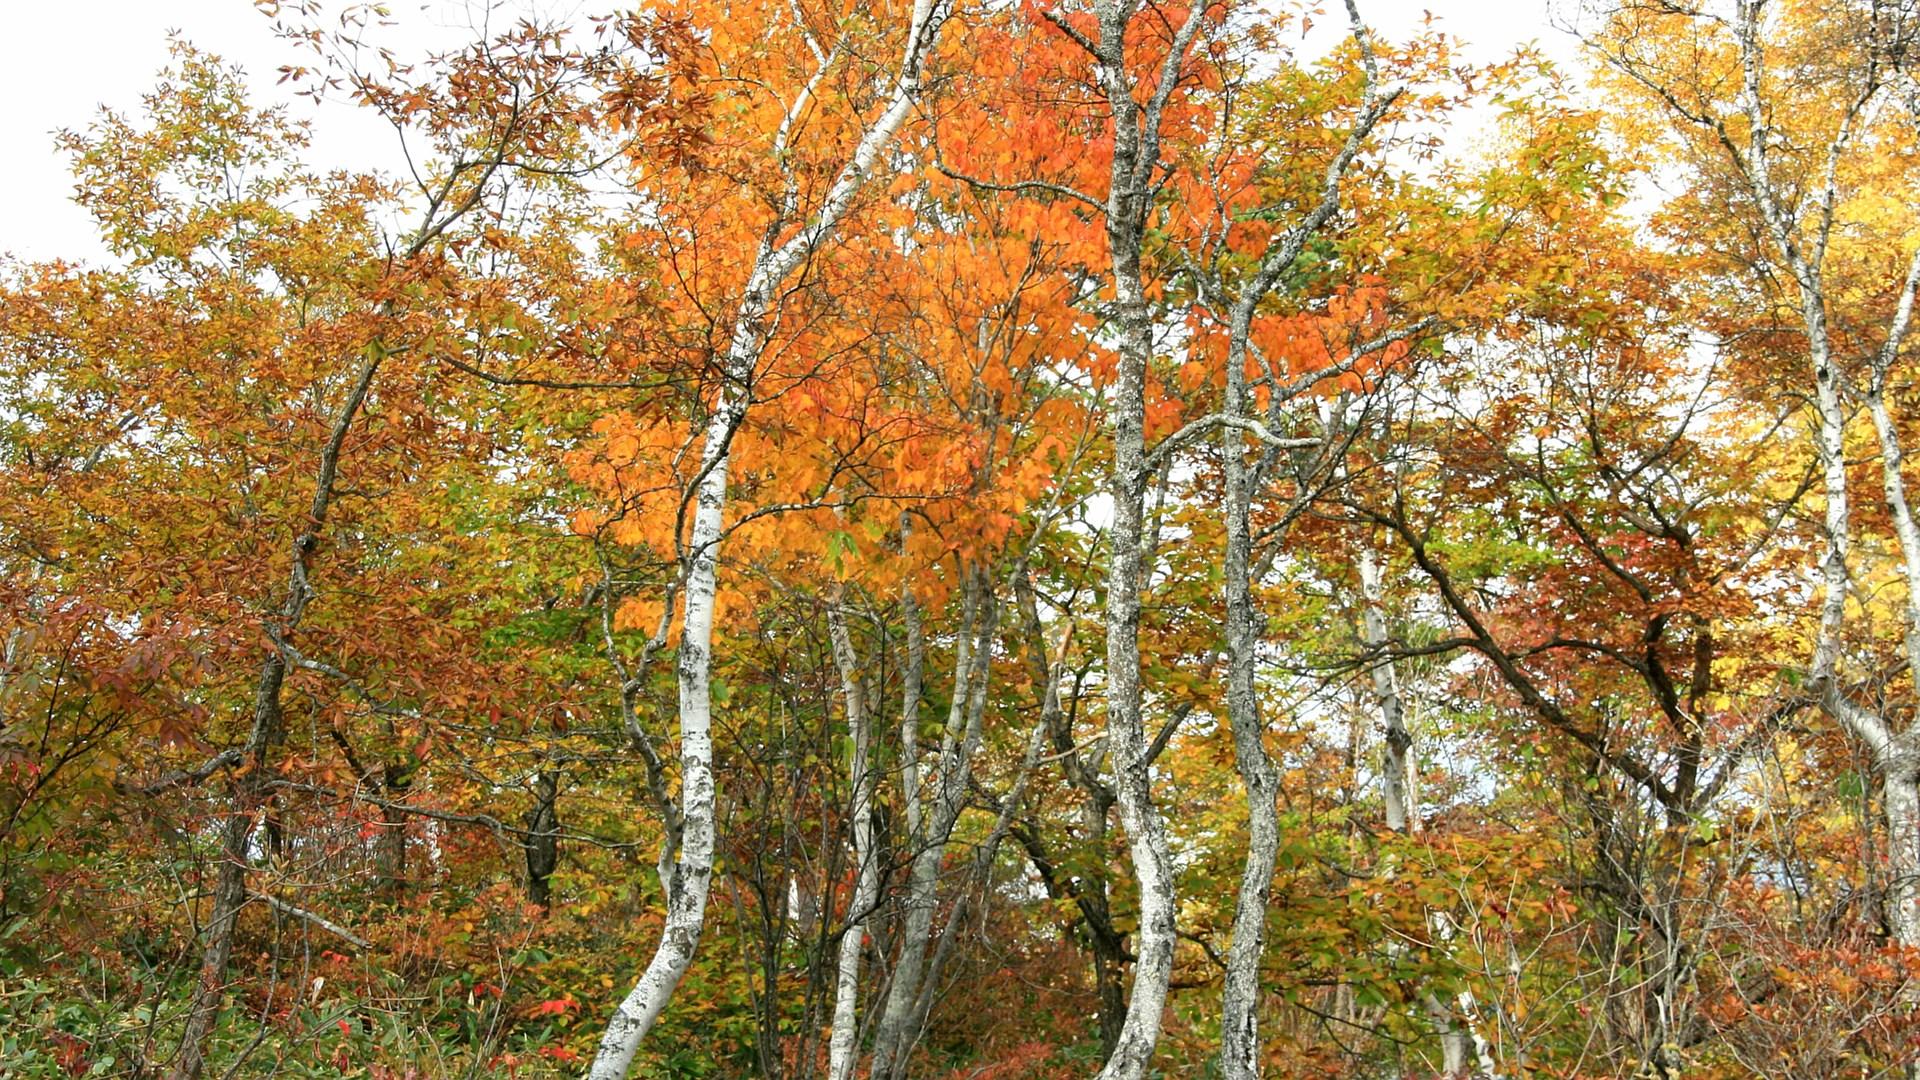 白樺林の紅葉 白樺林の紅葉 画像をクリックすればフルHD1920x1080の壁紙が表示... フ